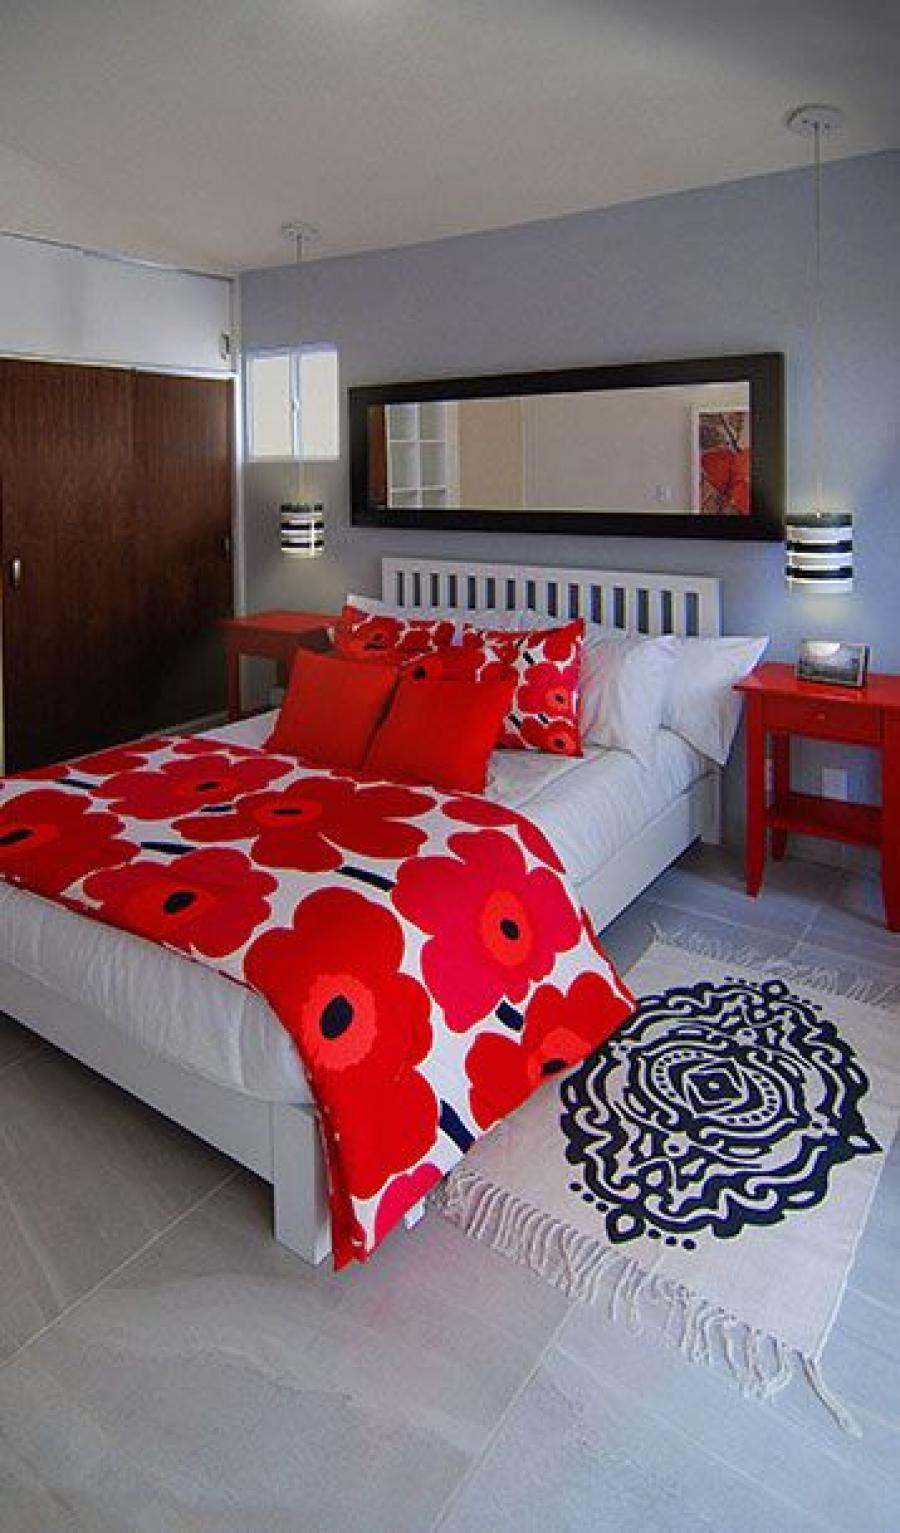 Foto Casa en Venta en Davivir, Ojo de Agua, Mexico - 94 m2 - $ 1.200.000 - CAV258776 - BienesOnLine